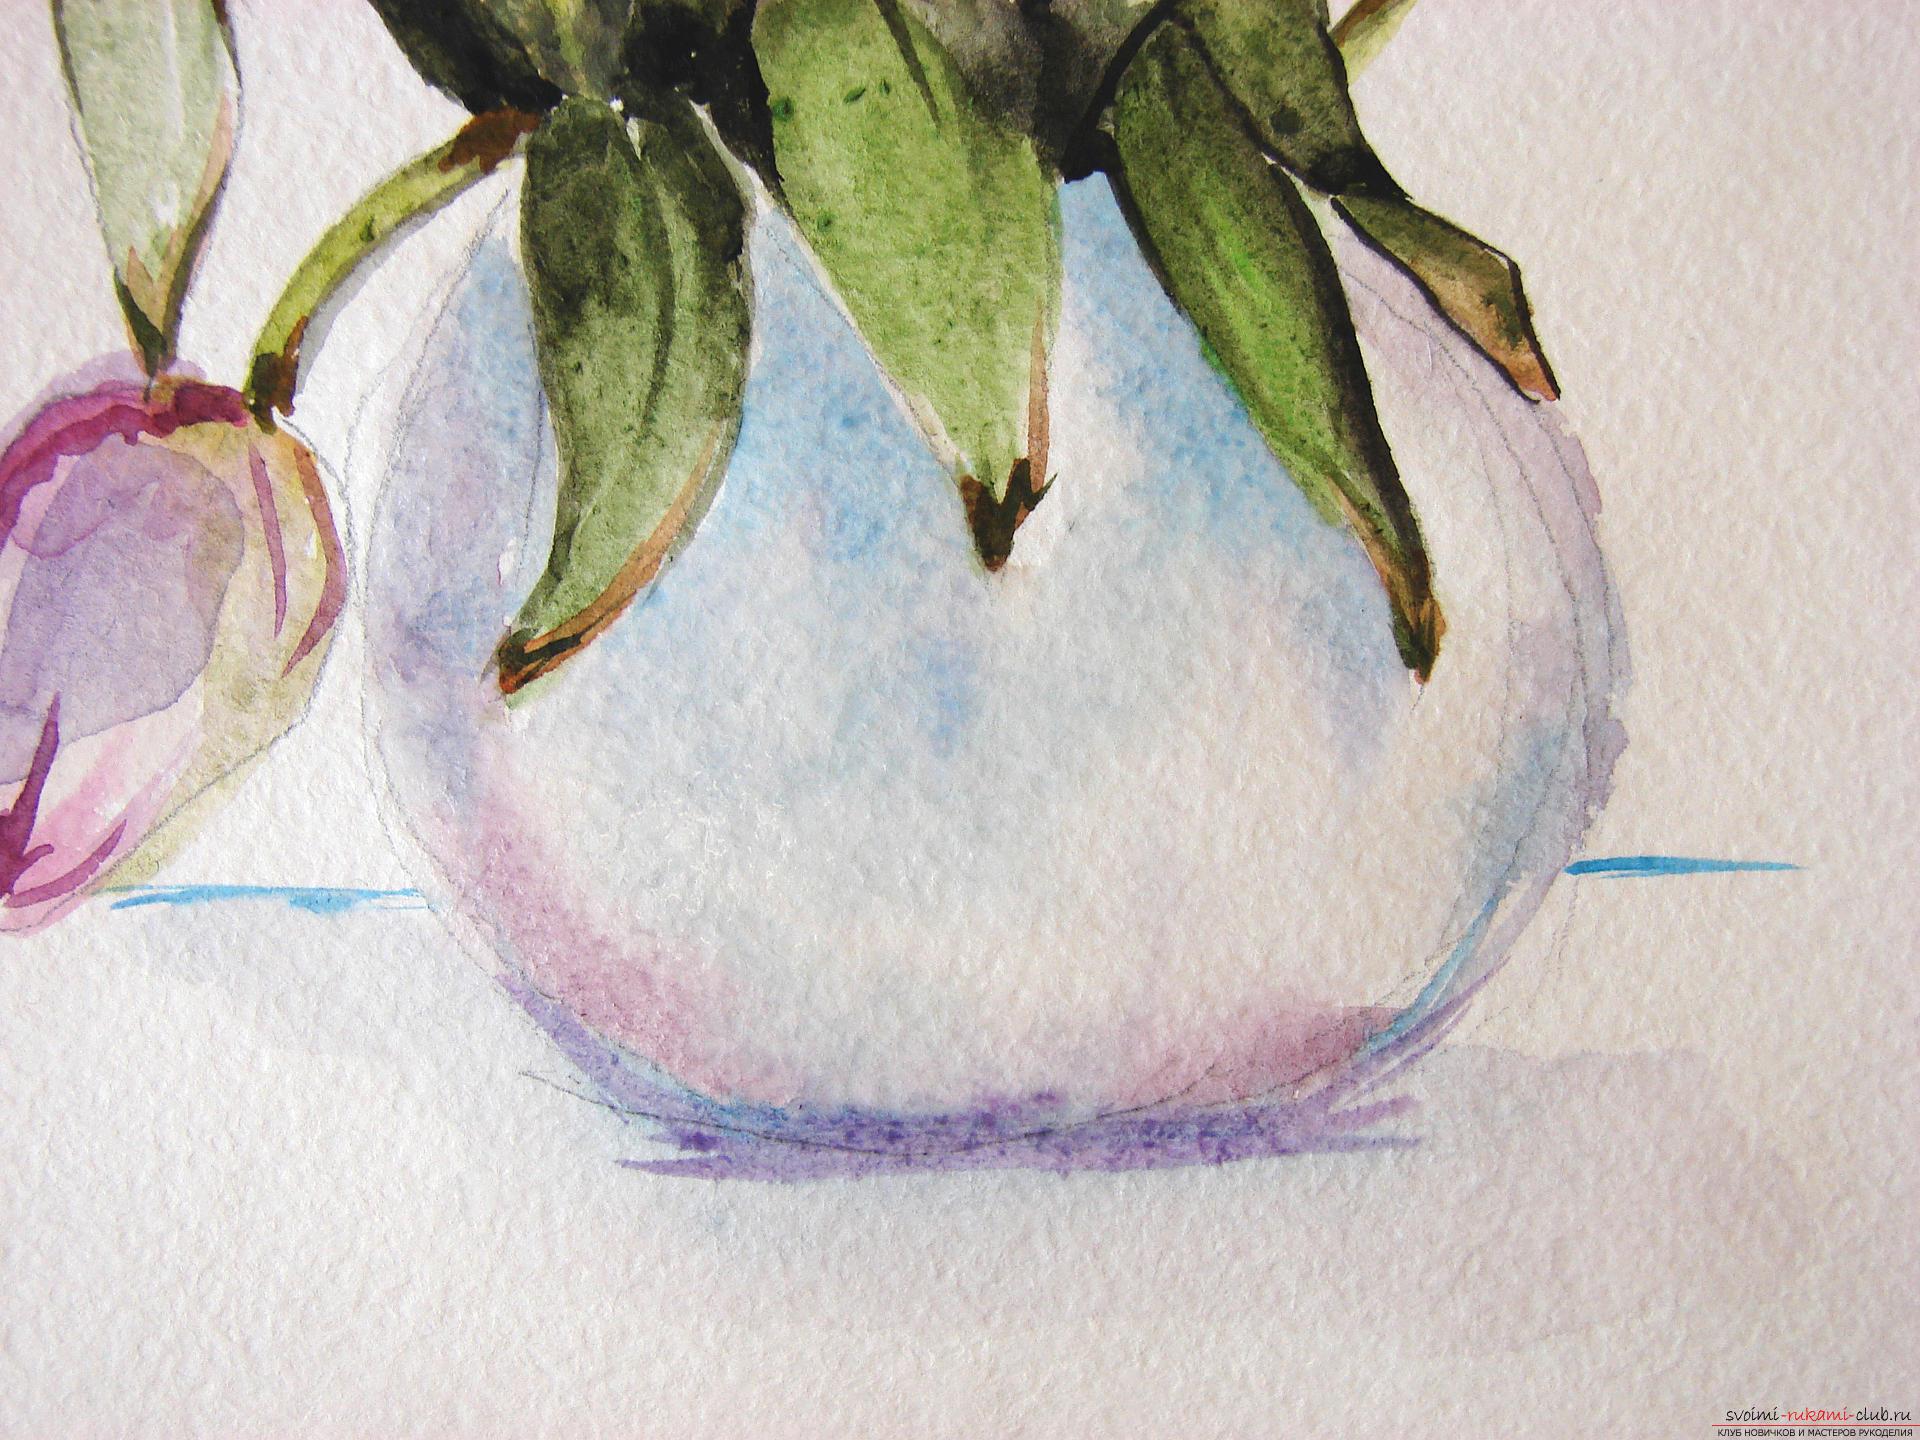 Мастер-класс по рисованию с фото научит как нарисовать цветы, подробно описав как рисуются тюльпаны поэтапно.. Фото №22